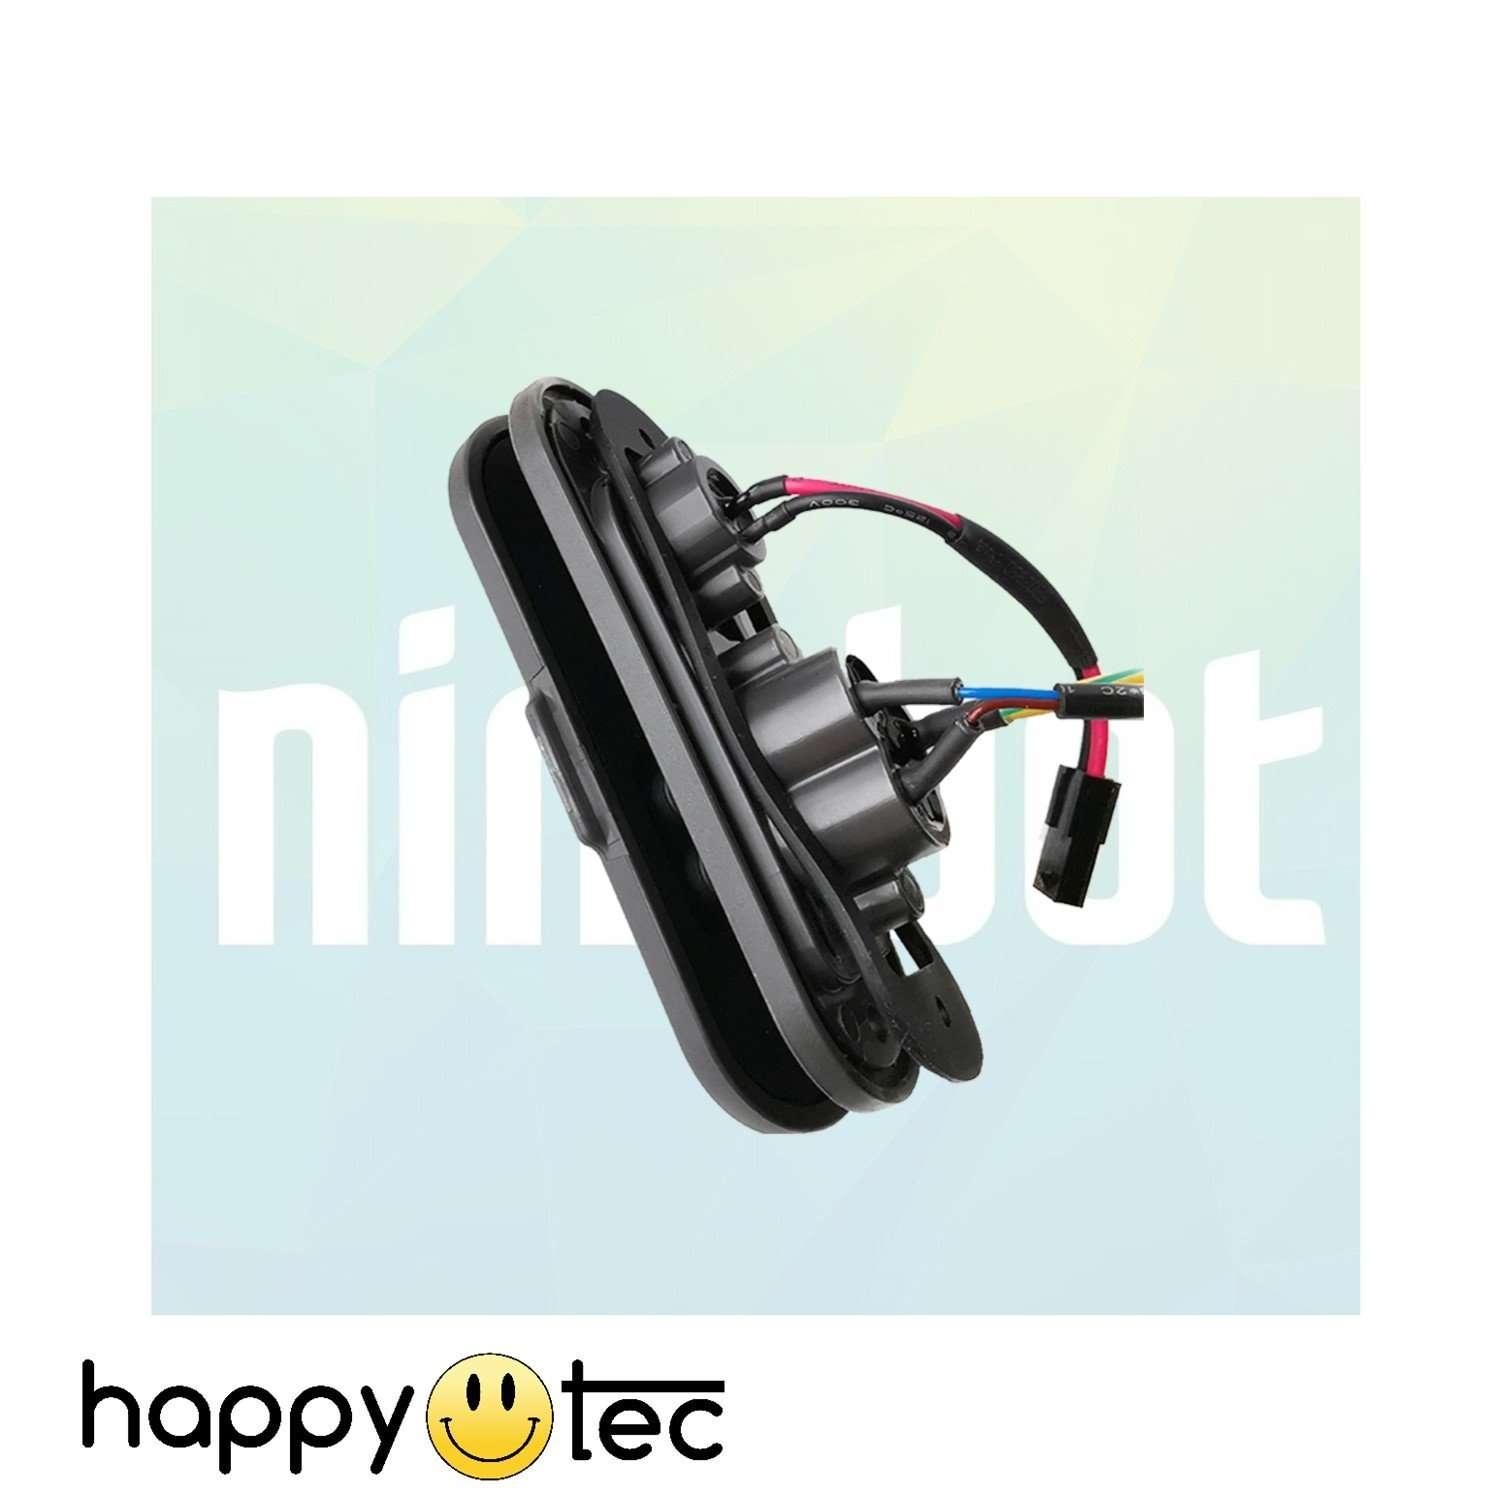 Porta di ricambio originale per Ninebot G30 Max (230V + 42V)